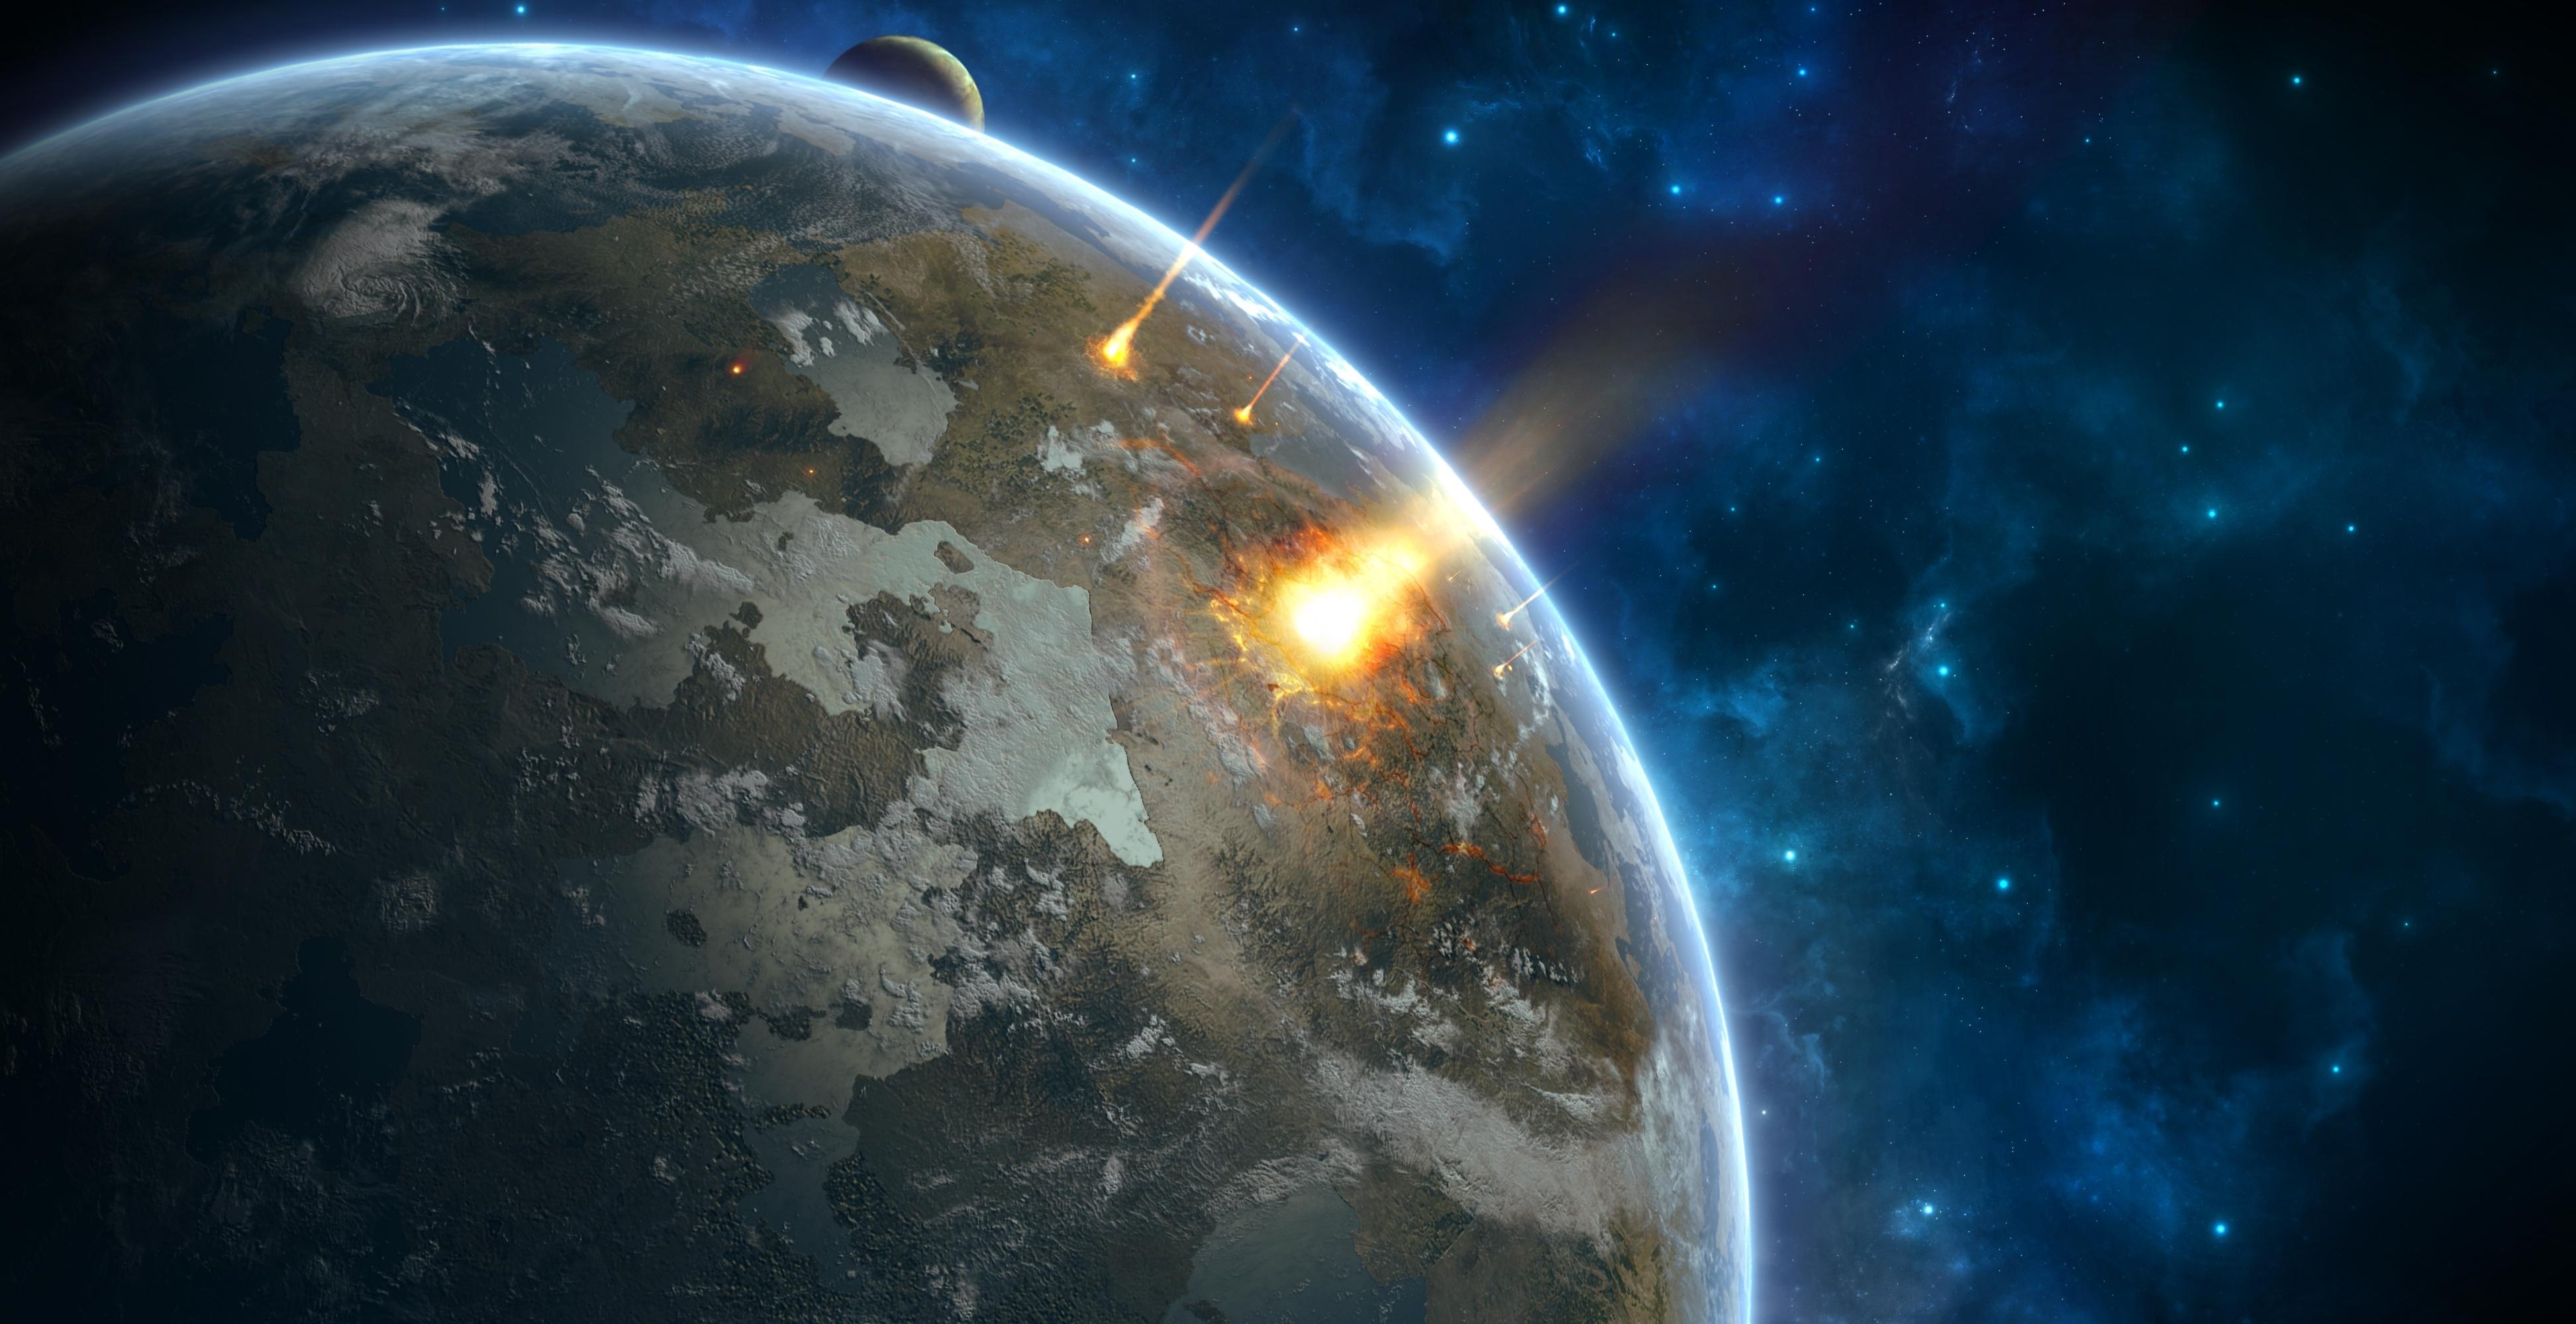 Обои планета космос орбита картинки на рабочий стол на тему Космос - скачать  № 1757081 загрузить